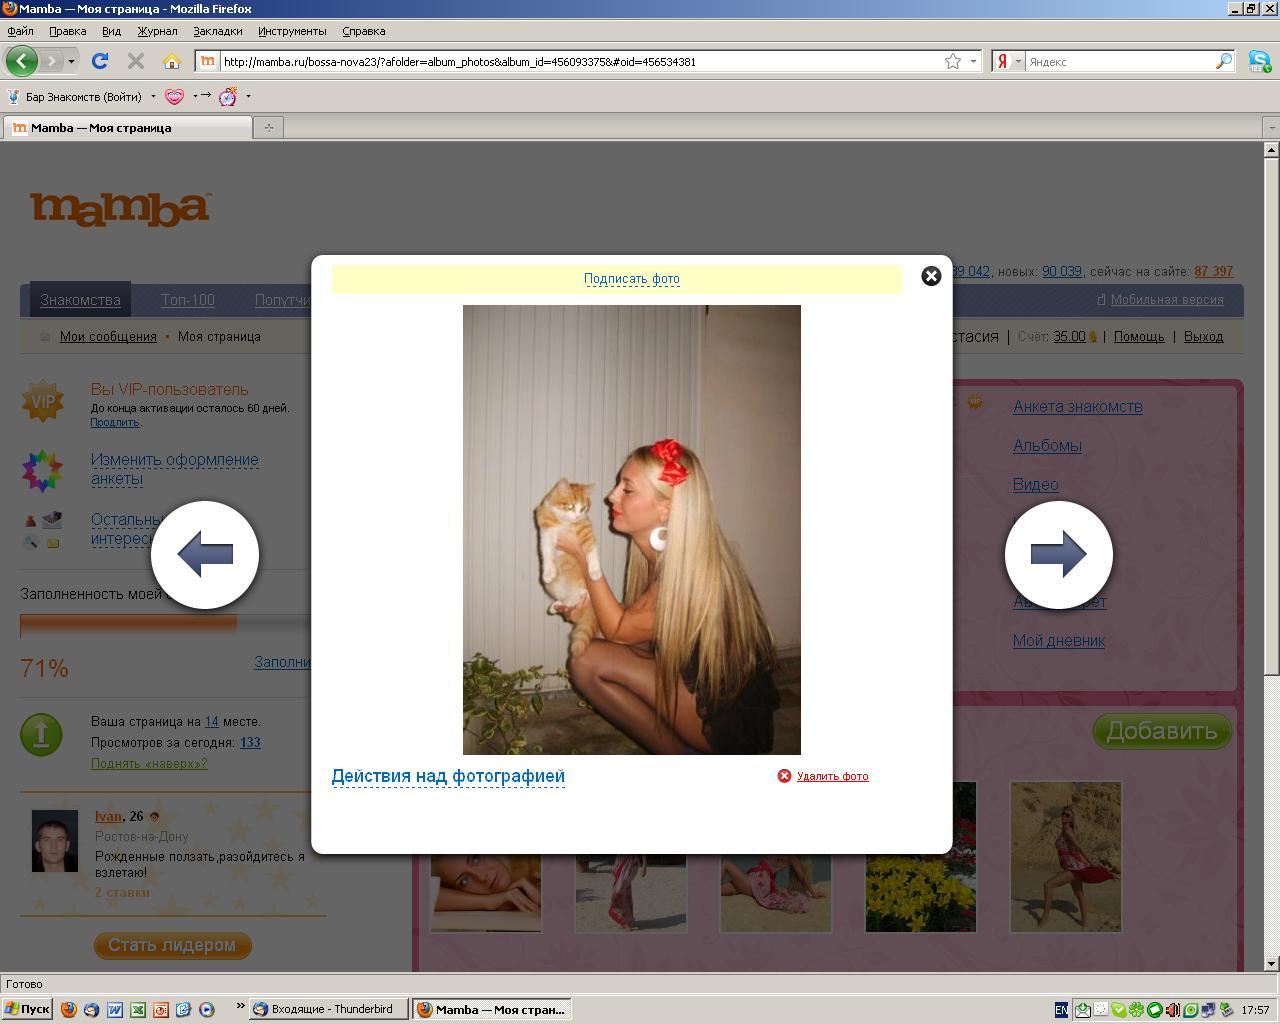 Мамба знакомства моя страница вход смотреть онлайн